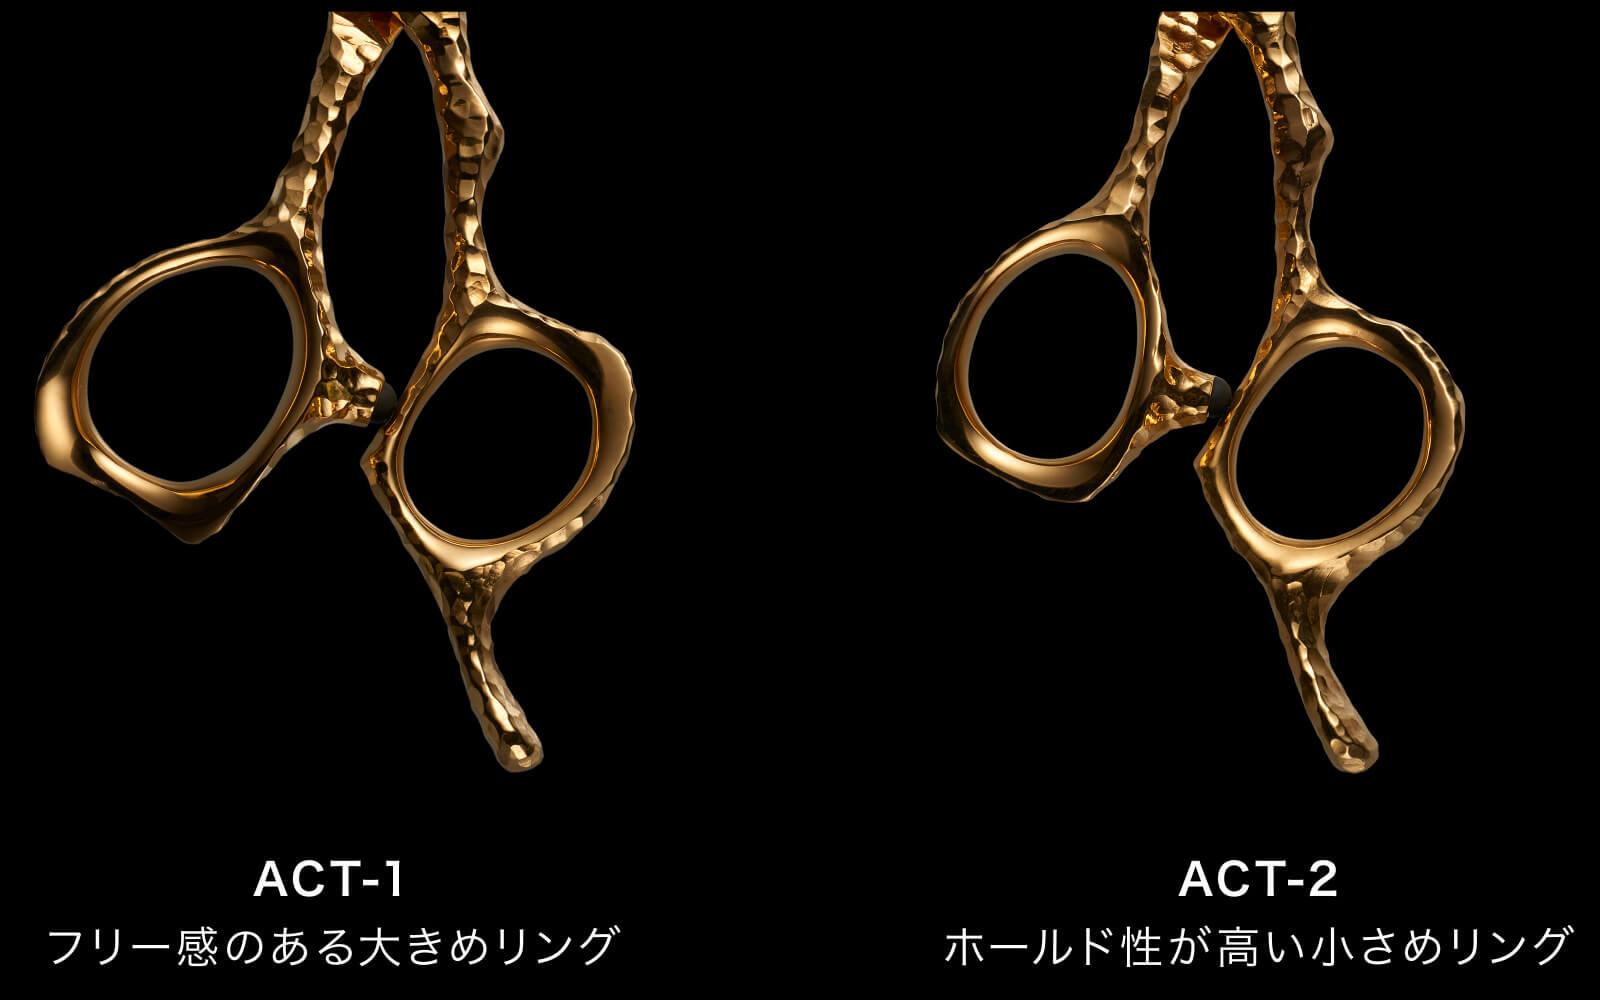 ACT-1/ACT-2